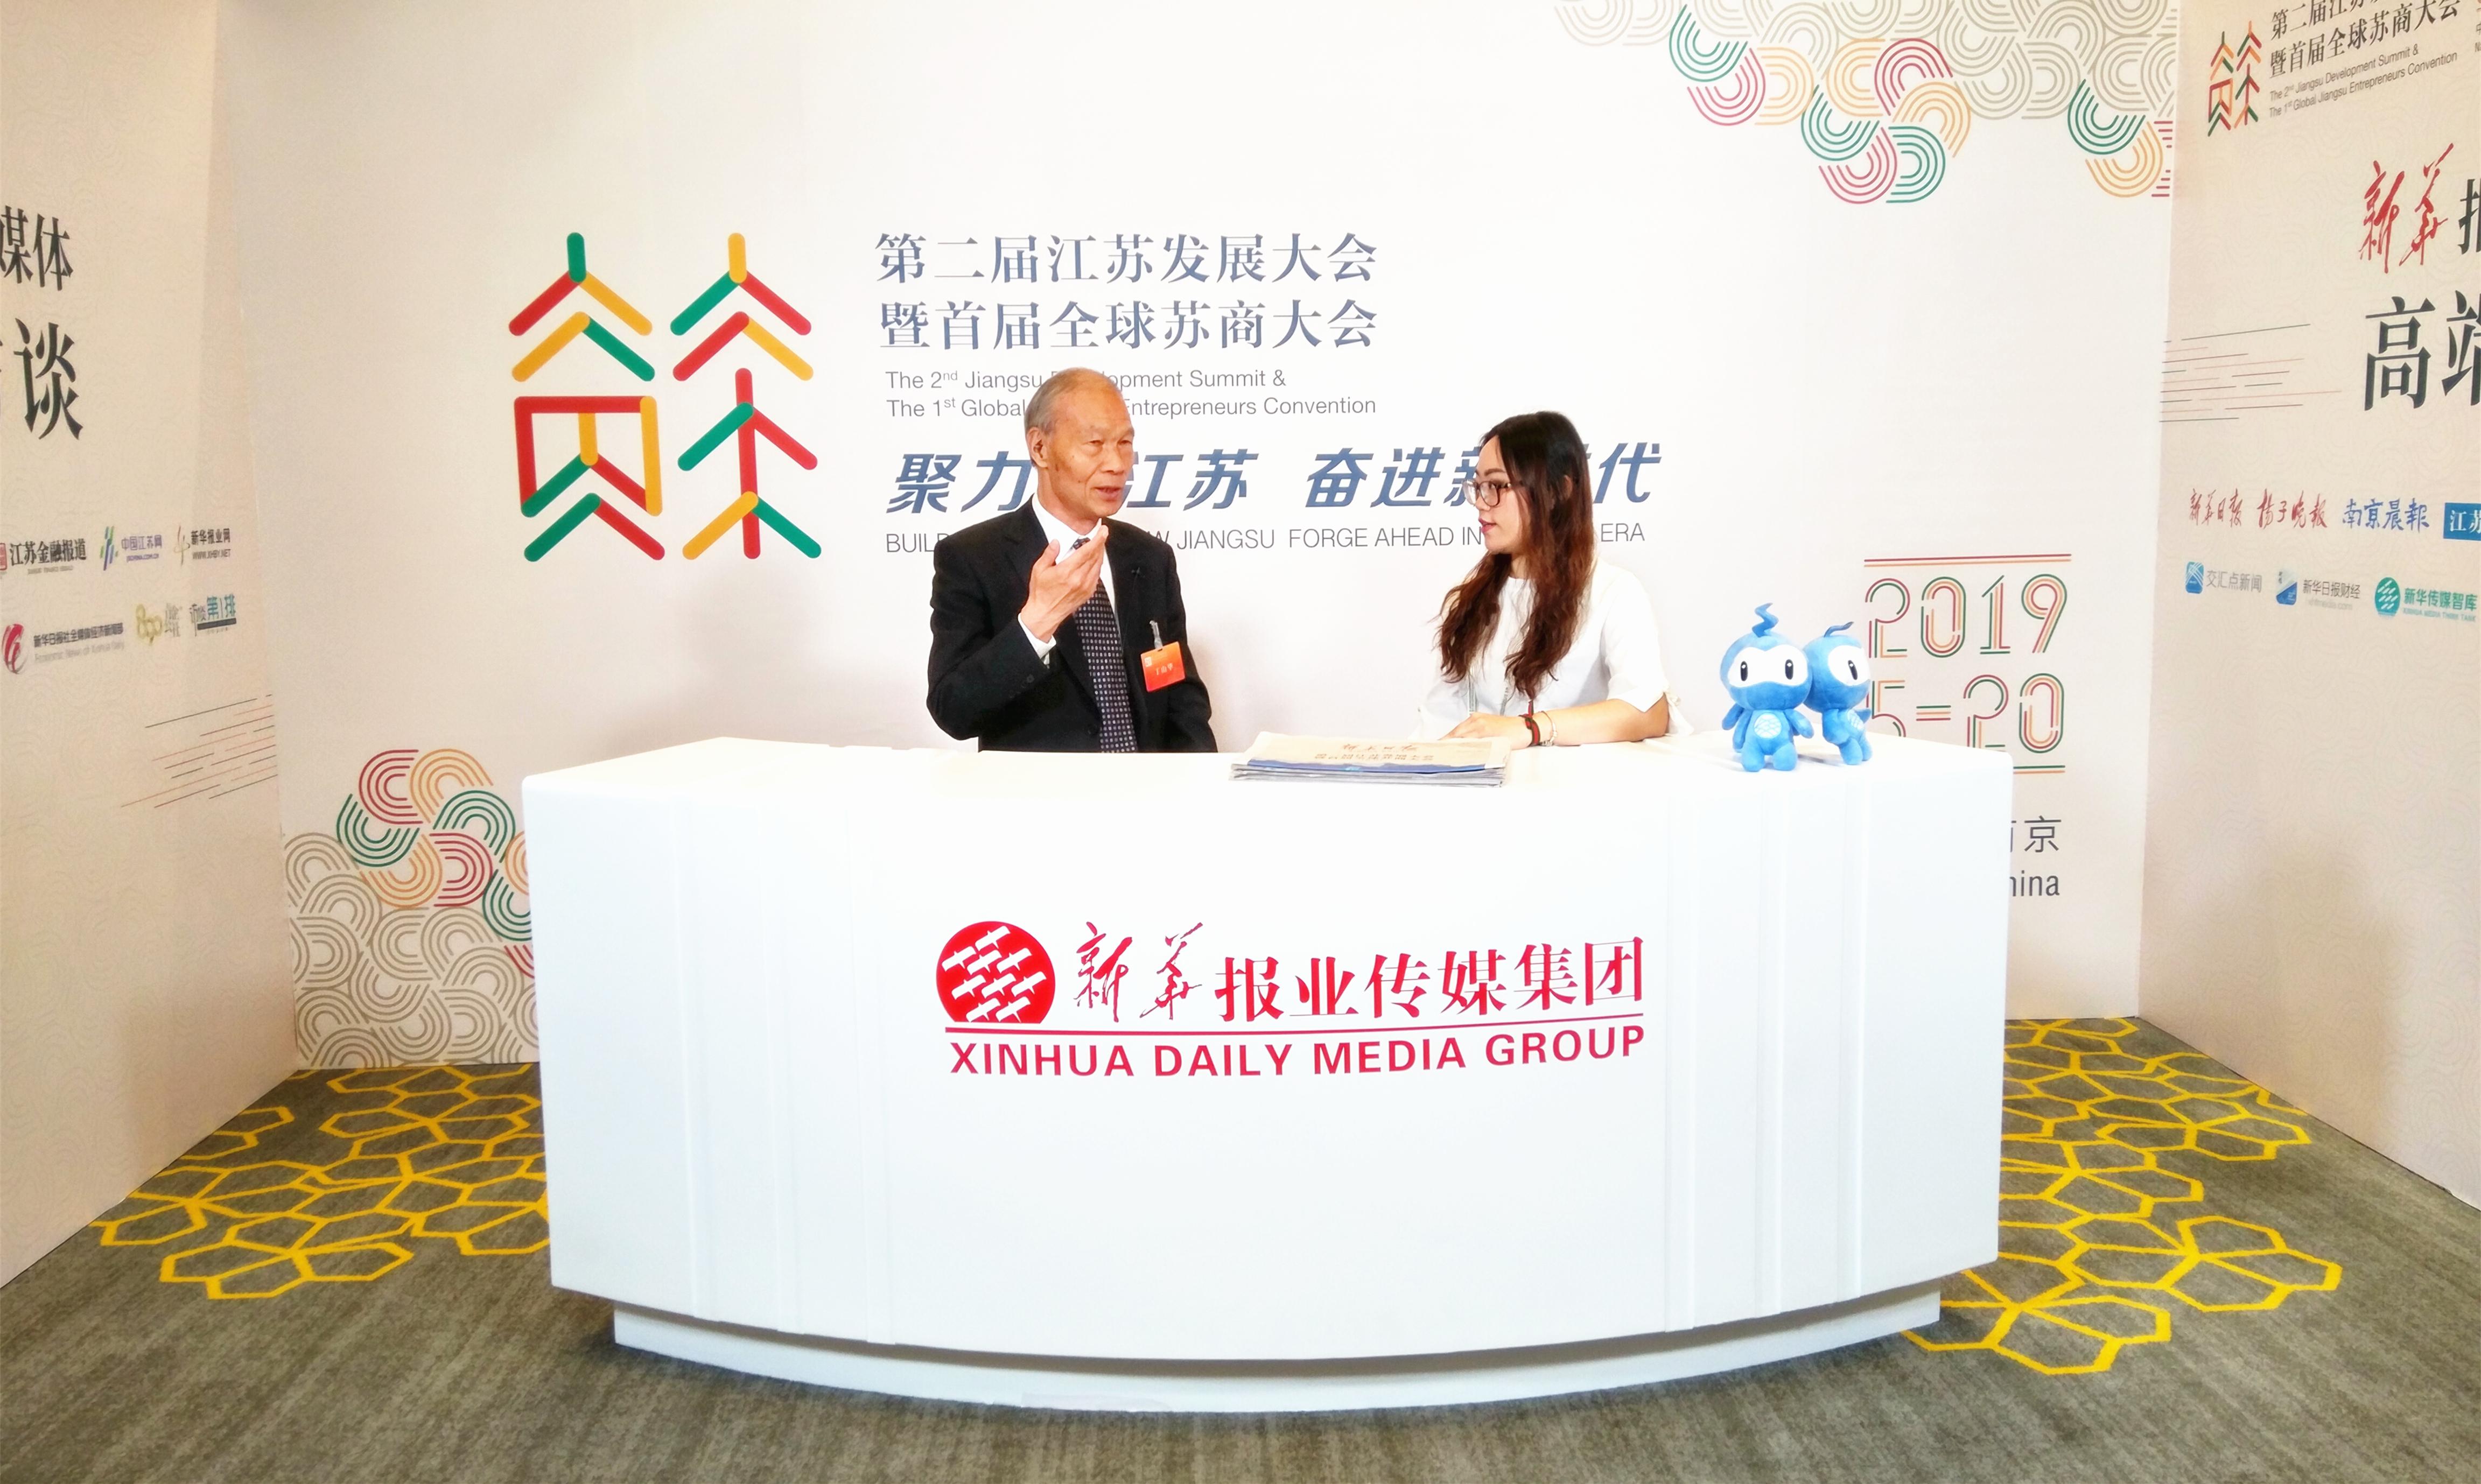 丁山华受邀出席第二届江苏发展大会并接受《新华日报》专访